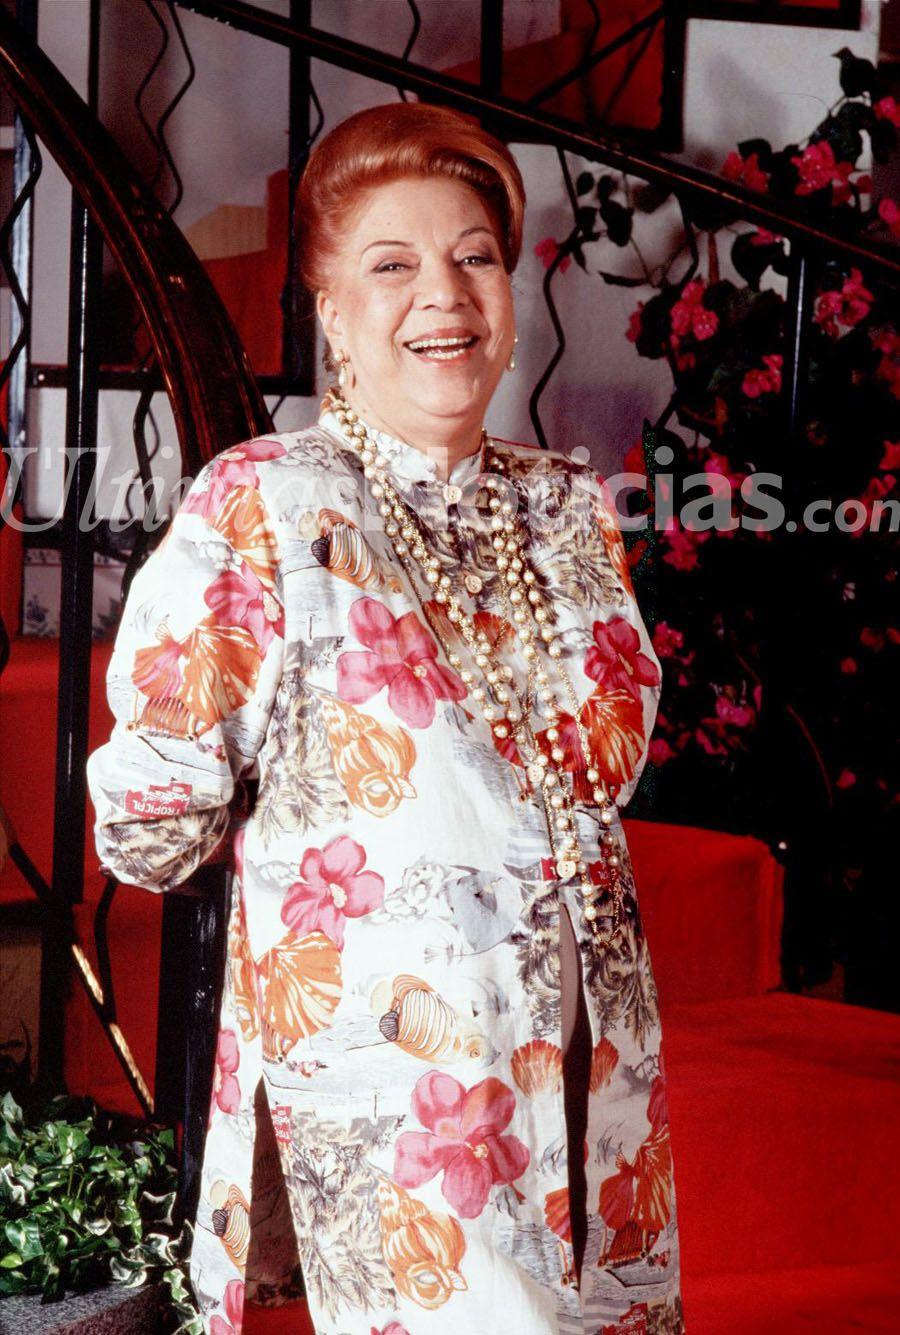 amalia pérez díaz mejor conocida como doña amalia fue una actriz